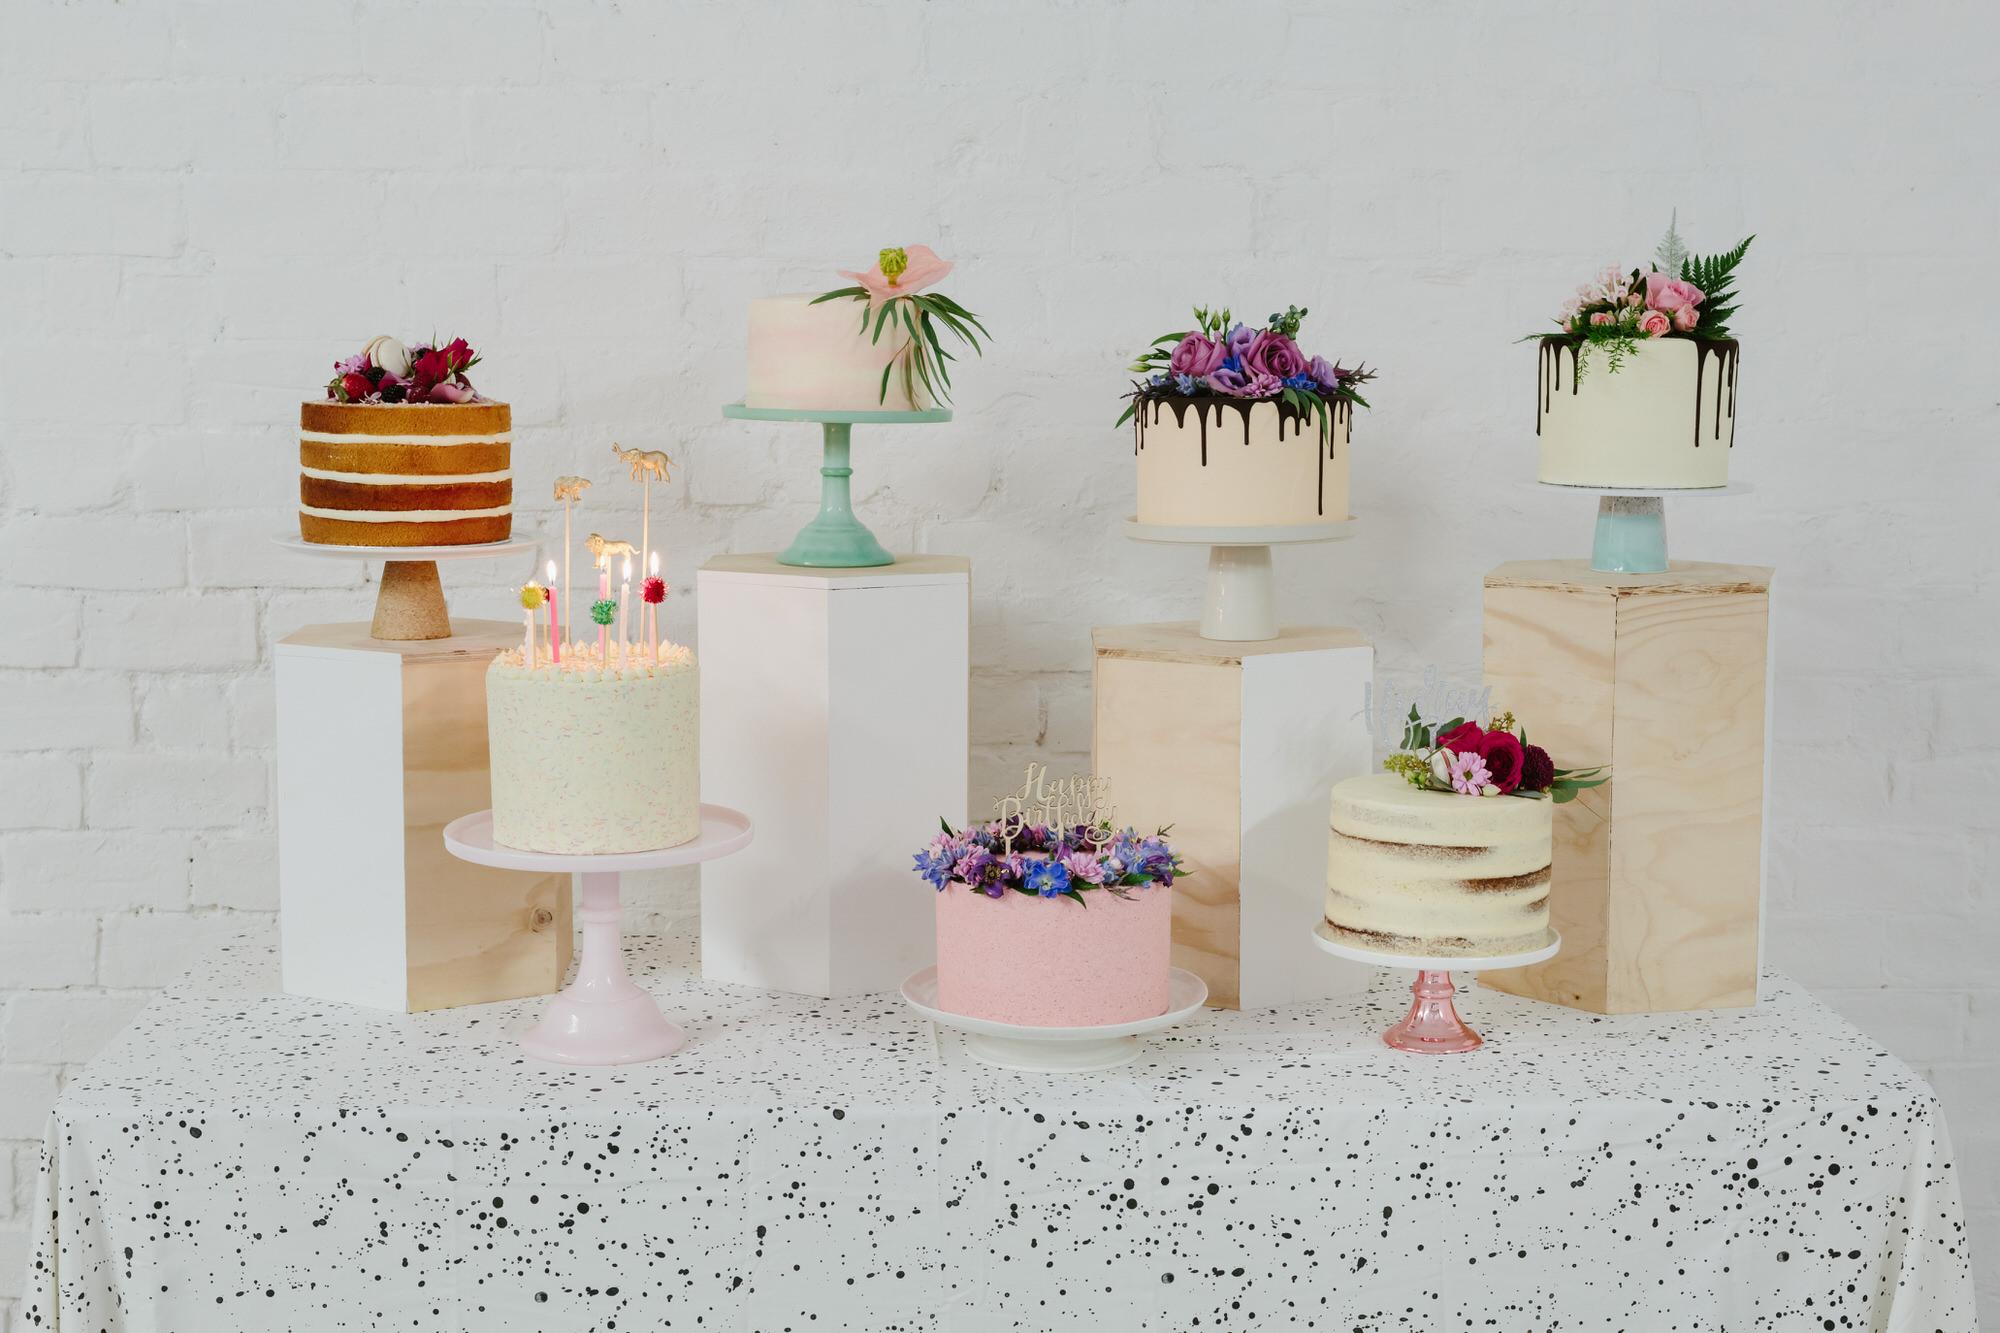 glasgow-food-photography-cake-table-celebration-cakes-big-bear-bakery